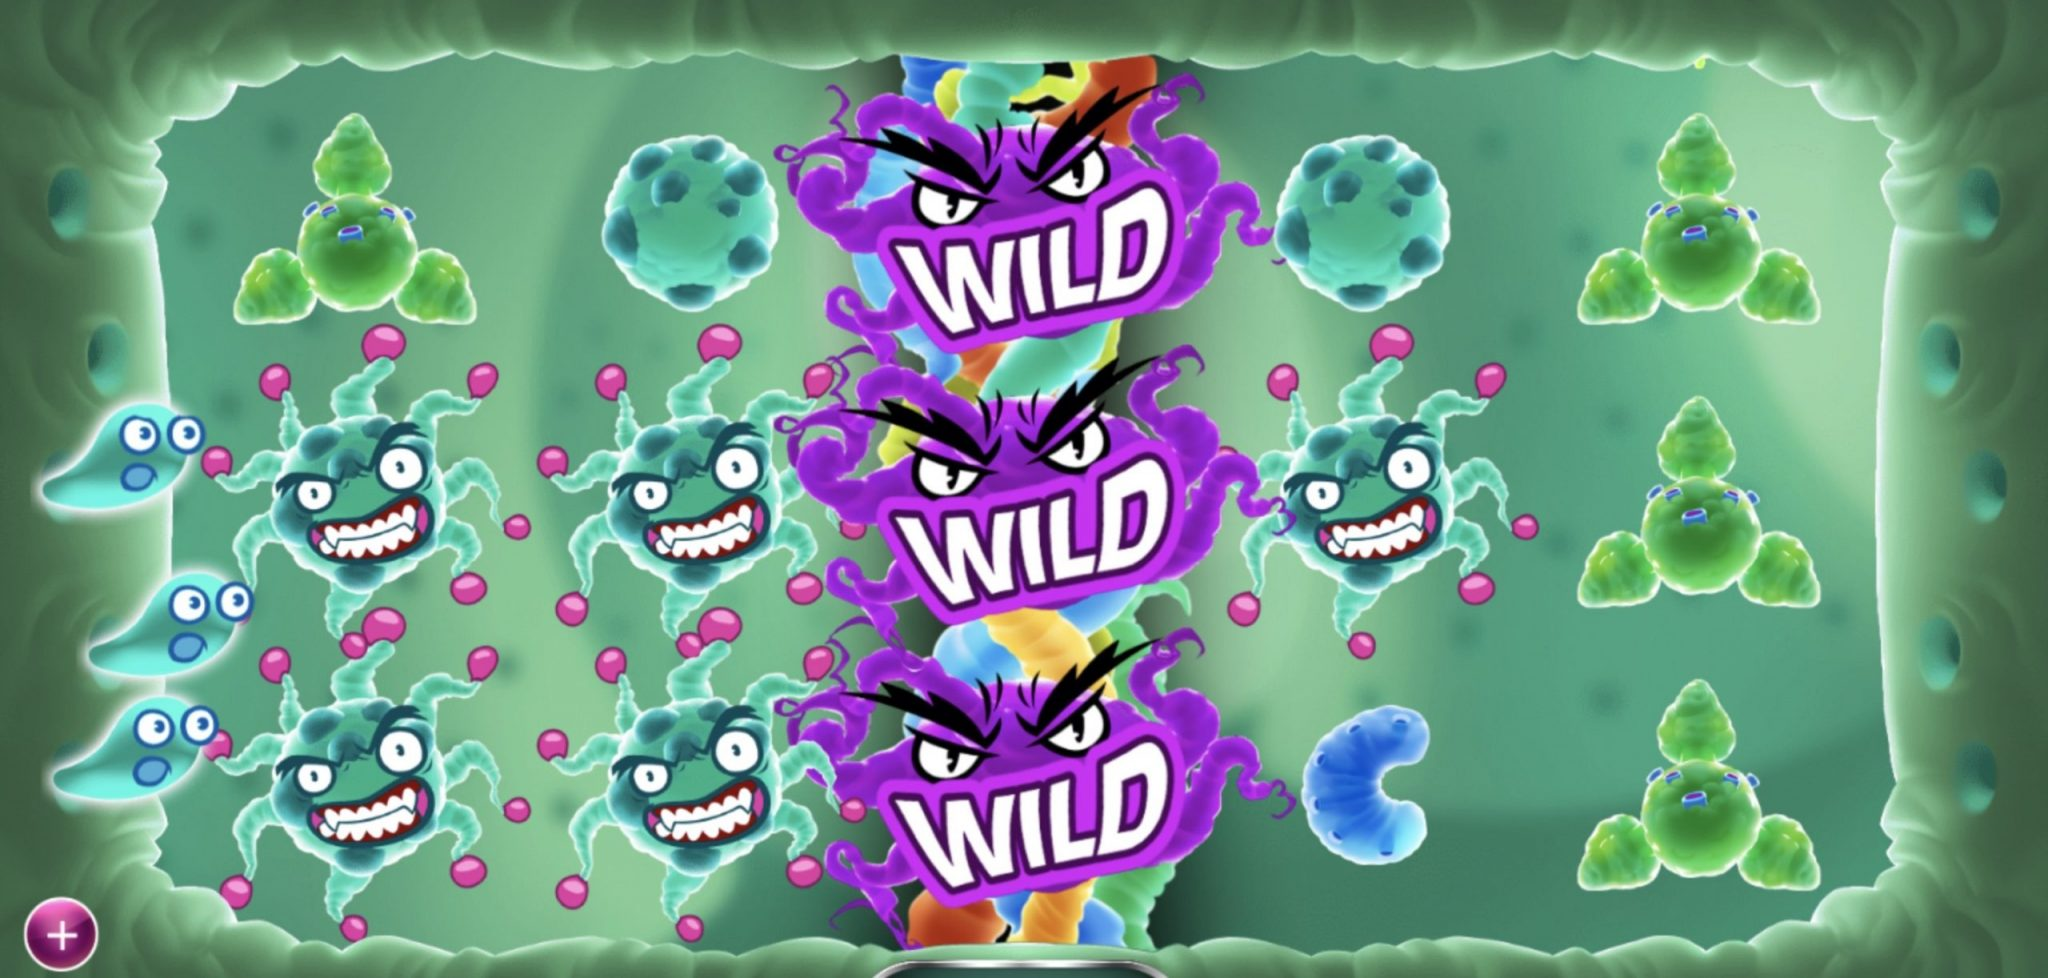 cyrus-the-virus-wild-win